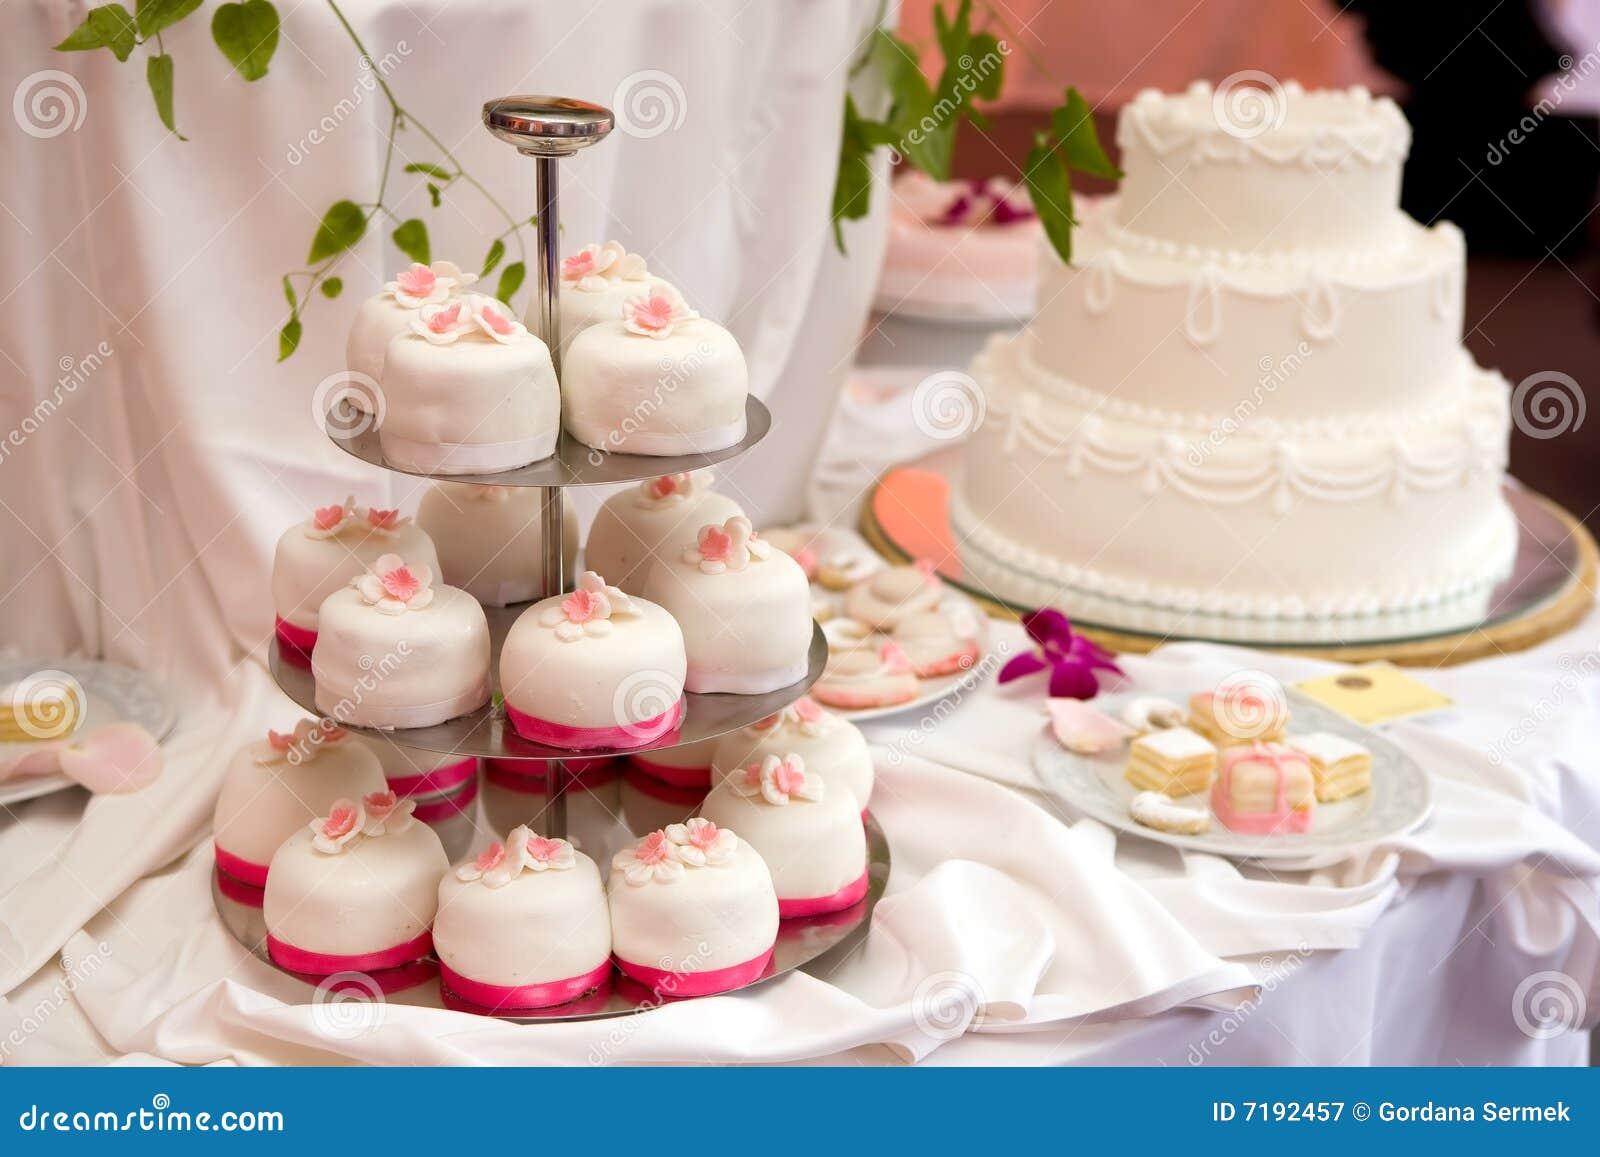 Abgestufter Kuchen Der Hochzeit Drei Stockbild Bild Von Liebe